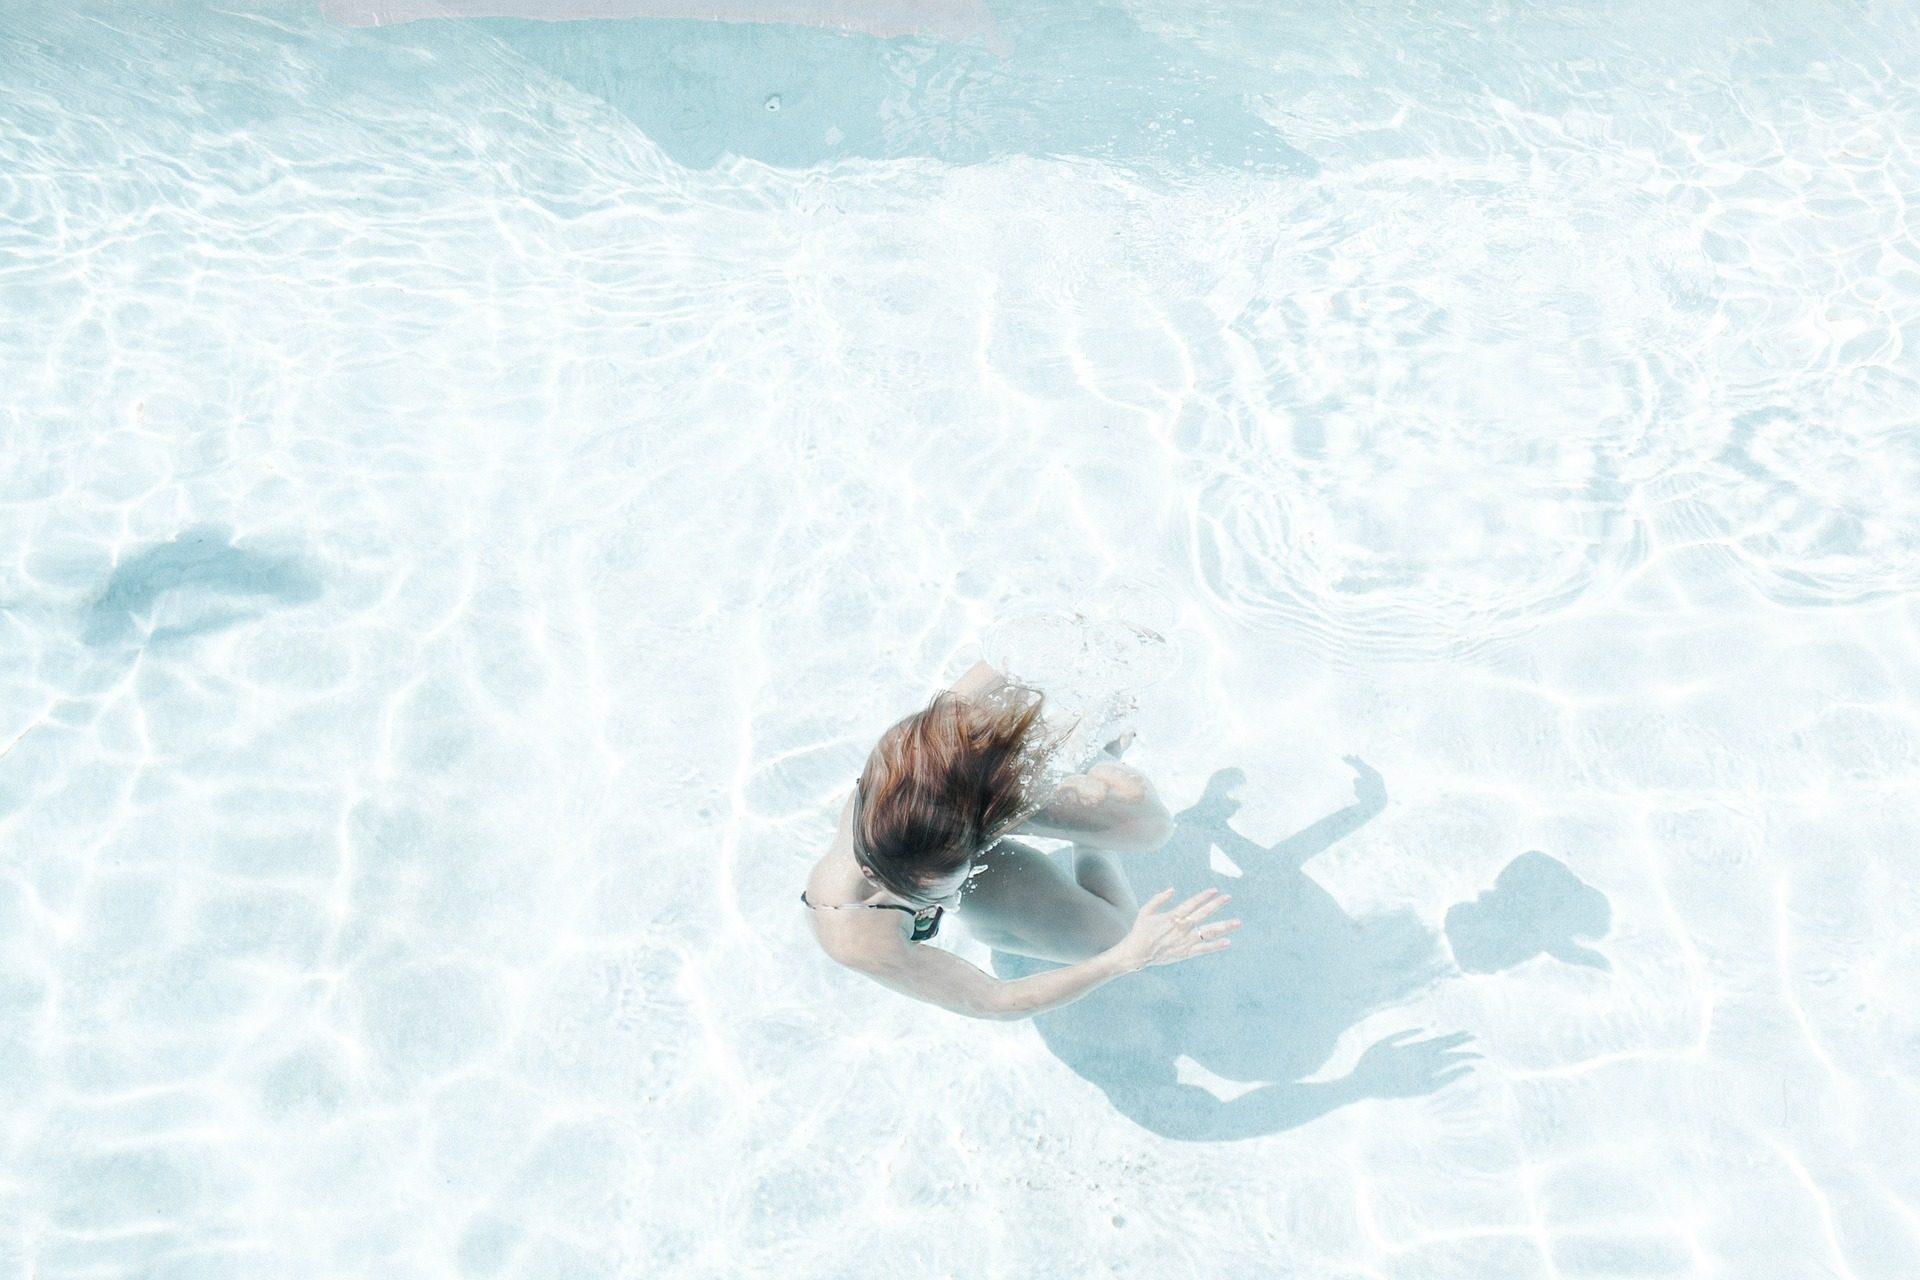 женщина, бассейн, Ванная комната, воды, волны, размышления - Обои HD - Профессор falken.com